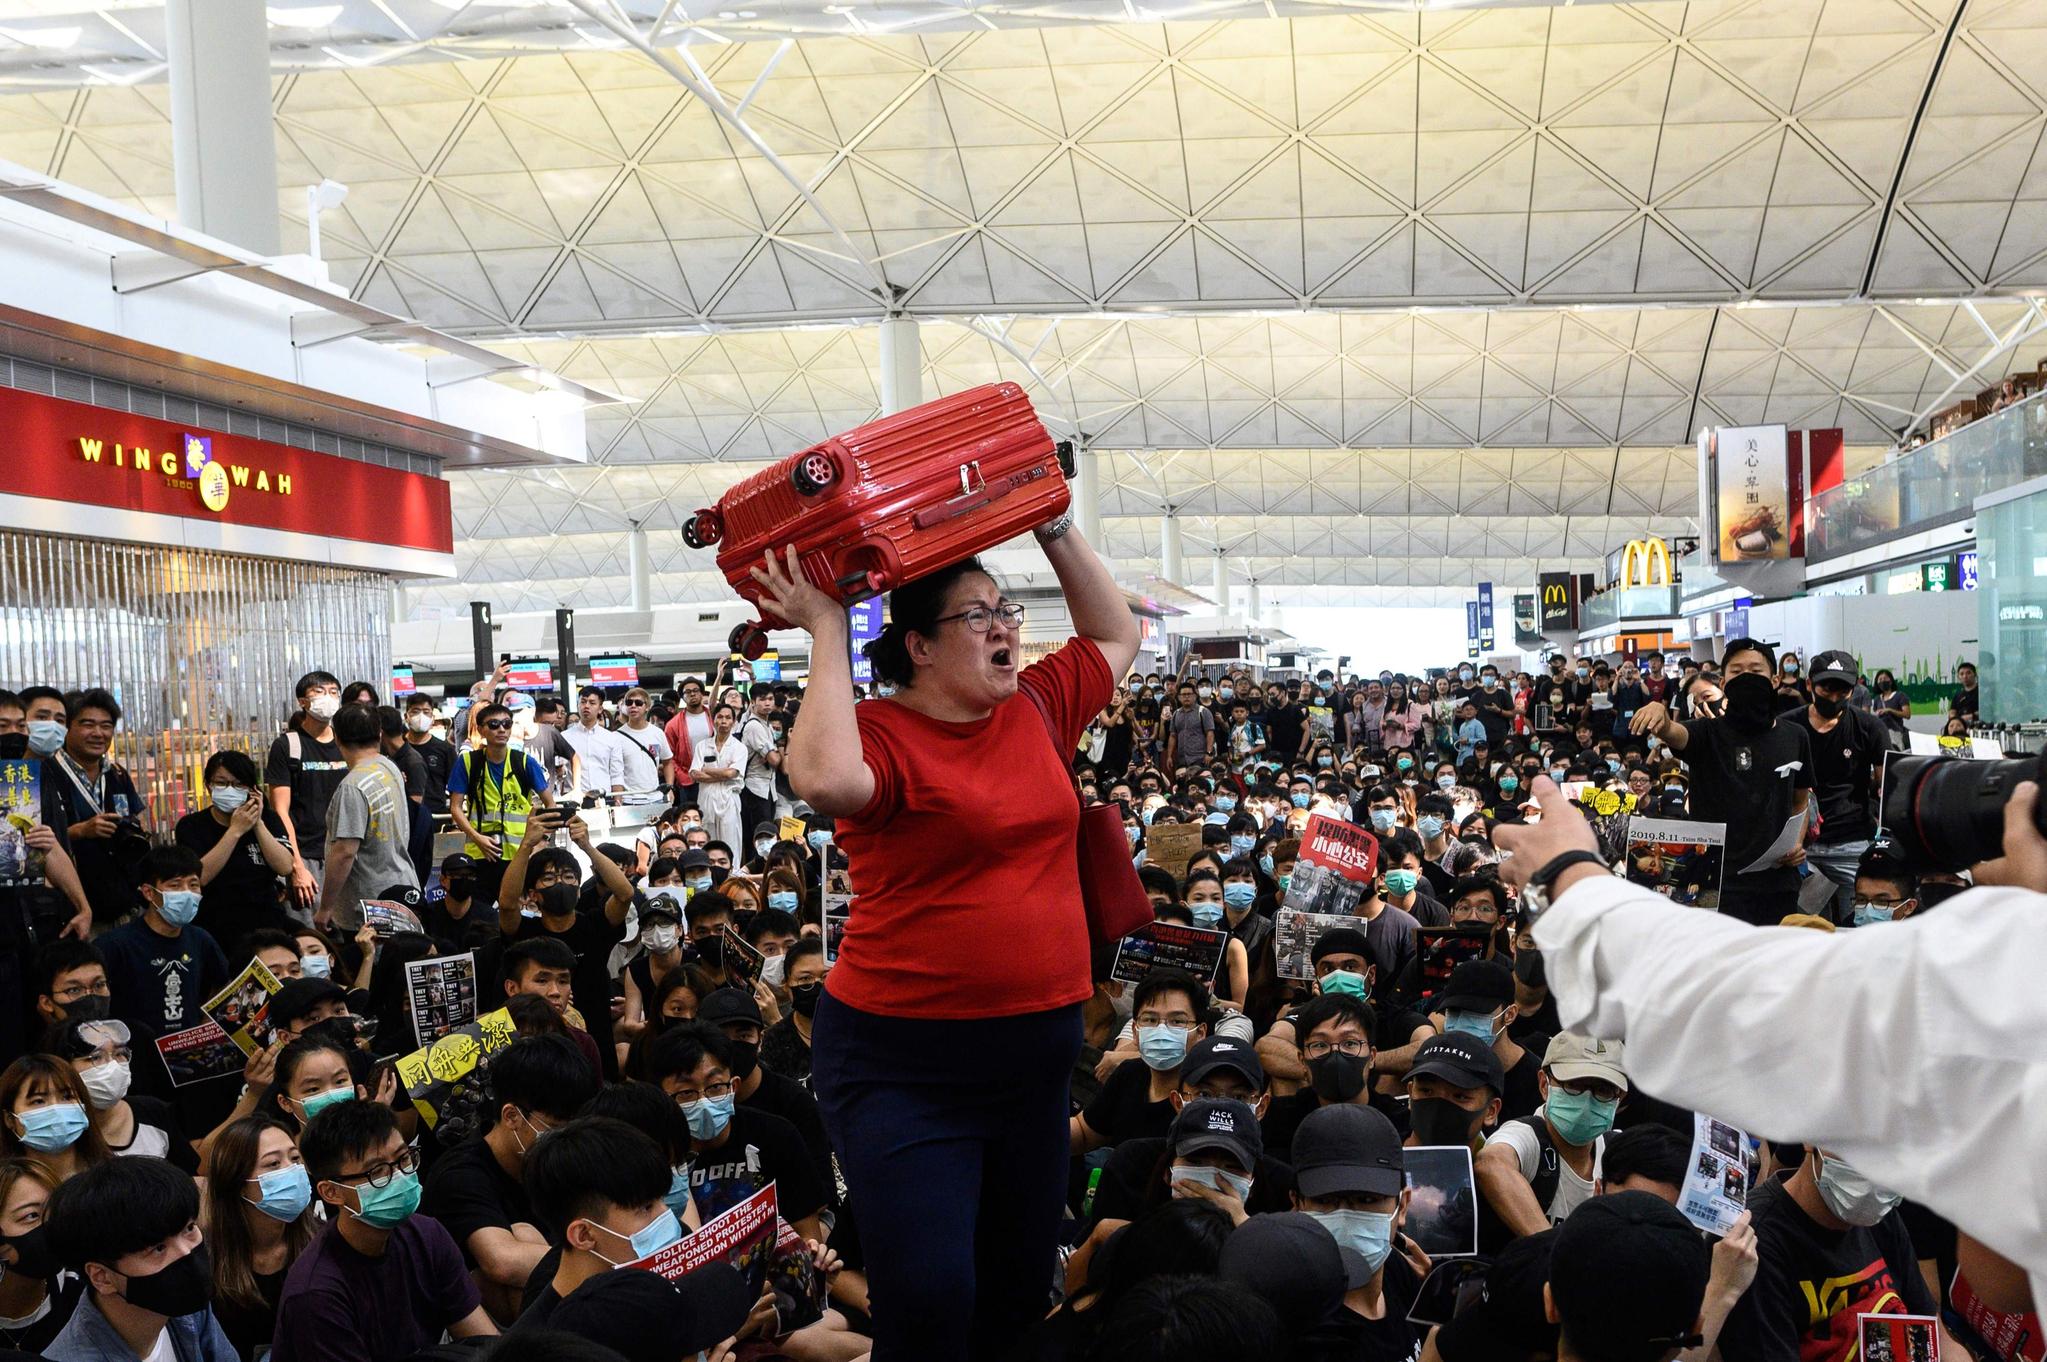 한 여행객이 13일(현지시간) 홍콩국제공항에서 가방을 머리에 이고 출국 게이트로 이동하며 공항 로비를 가득 메운 시위대에 항의하며 소리를 지르고 있다. [AFP=연합뉴스]